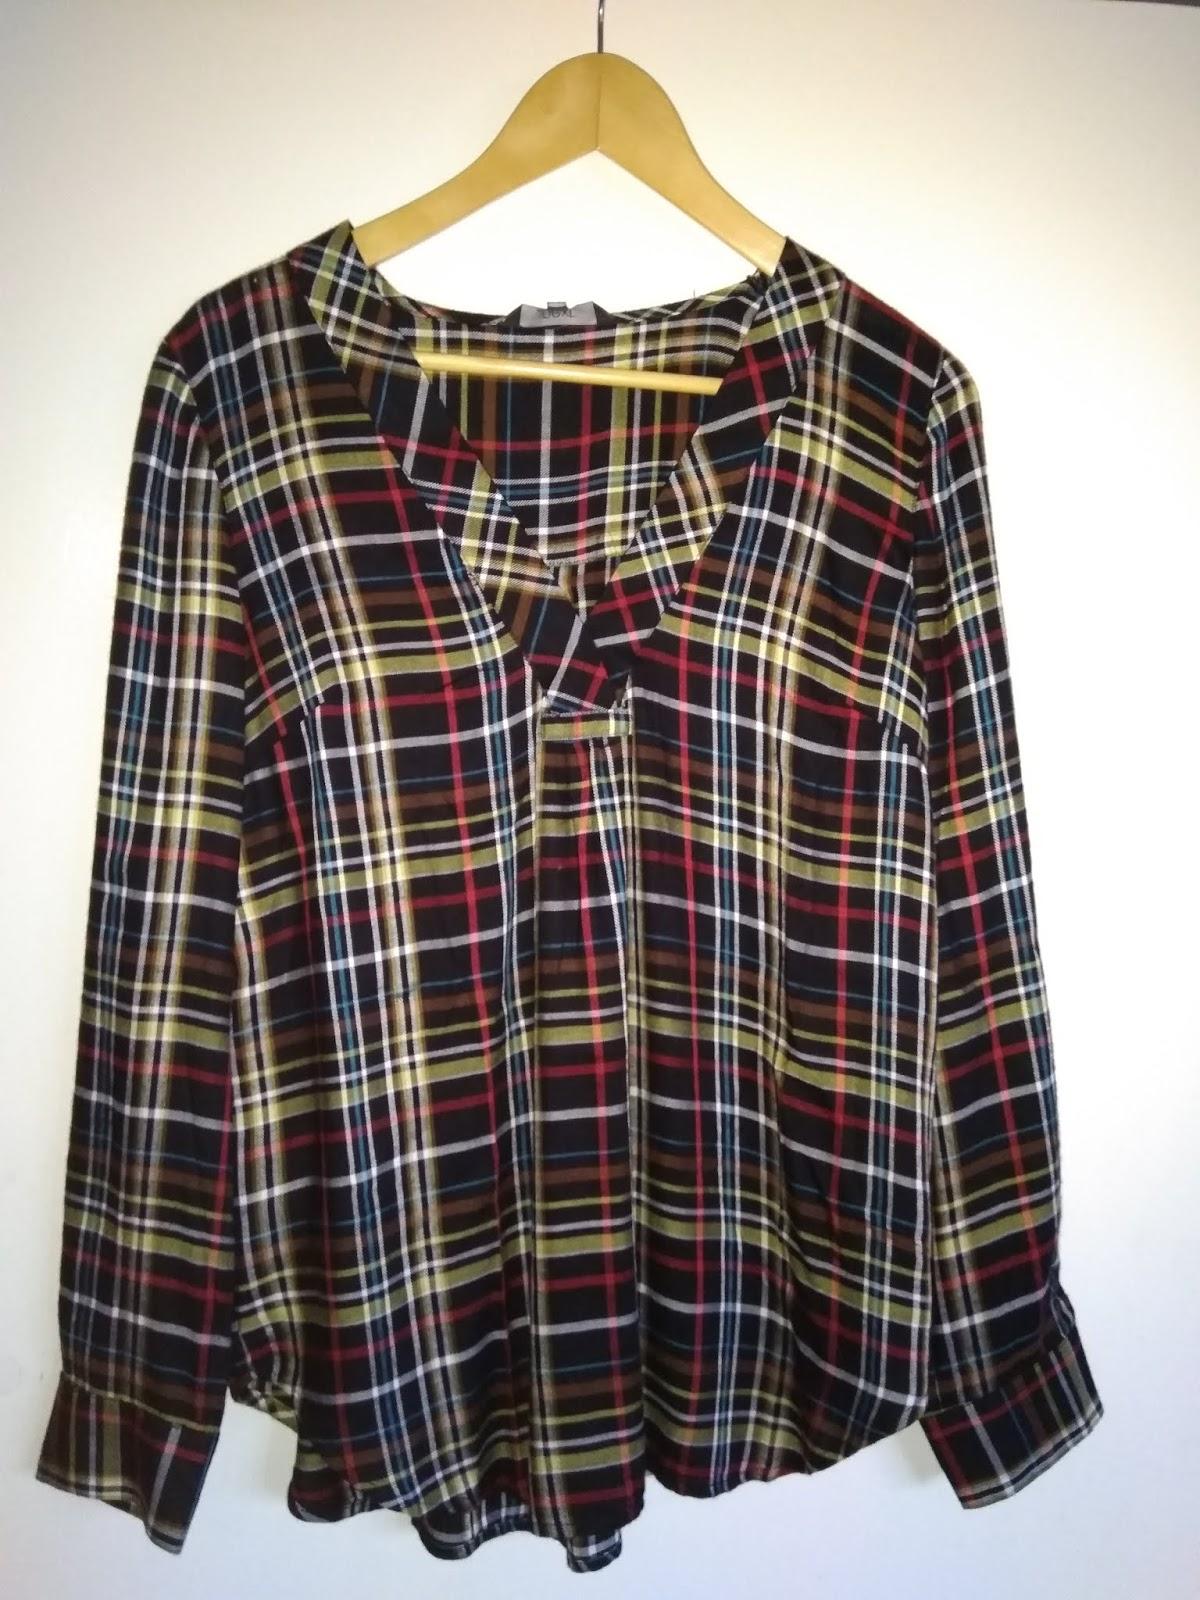 9e6bad4f118f och så köpte jag en collegetröja på GAP också till halva priset. Jag har  exakt samma tröja sedan tidigare, men i neonrosa. Jag såg den redan före  jul men ...